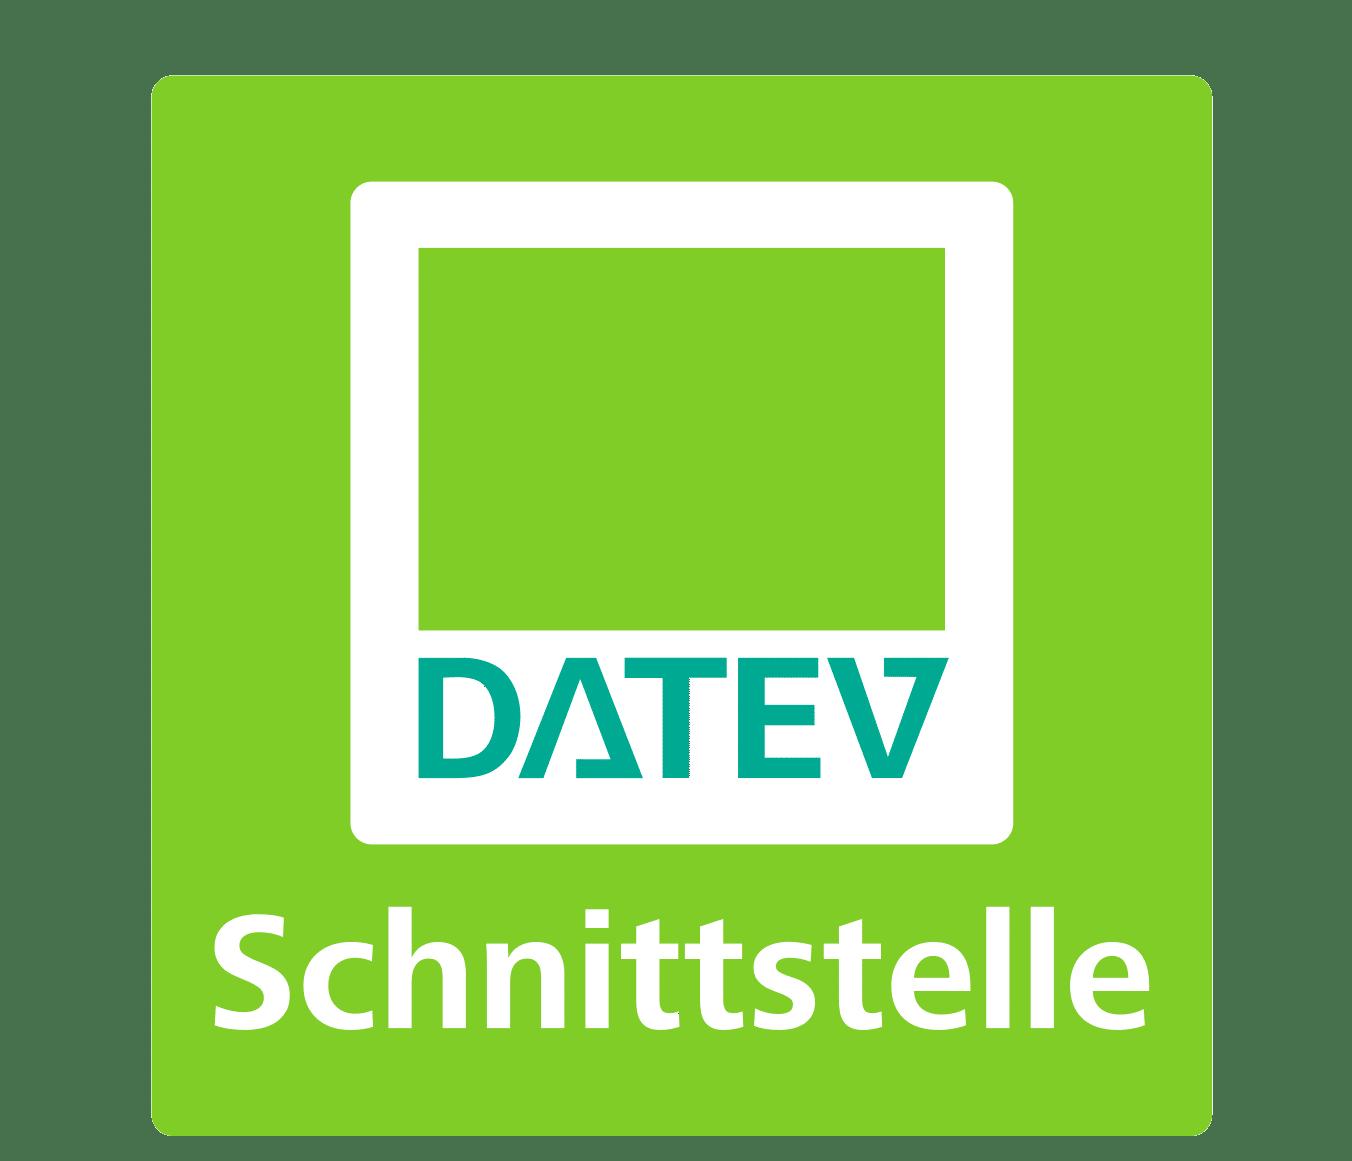 DATEV_Schnittstelle_Transparent